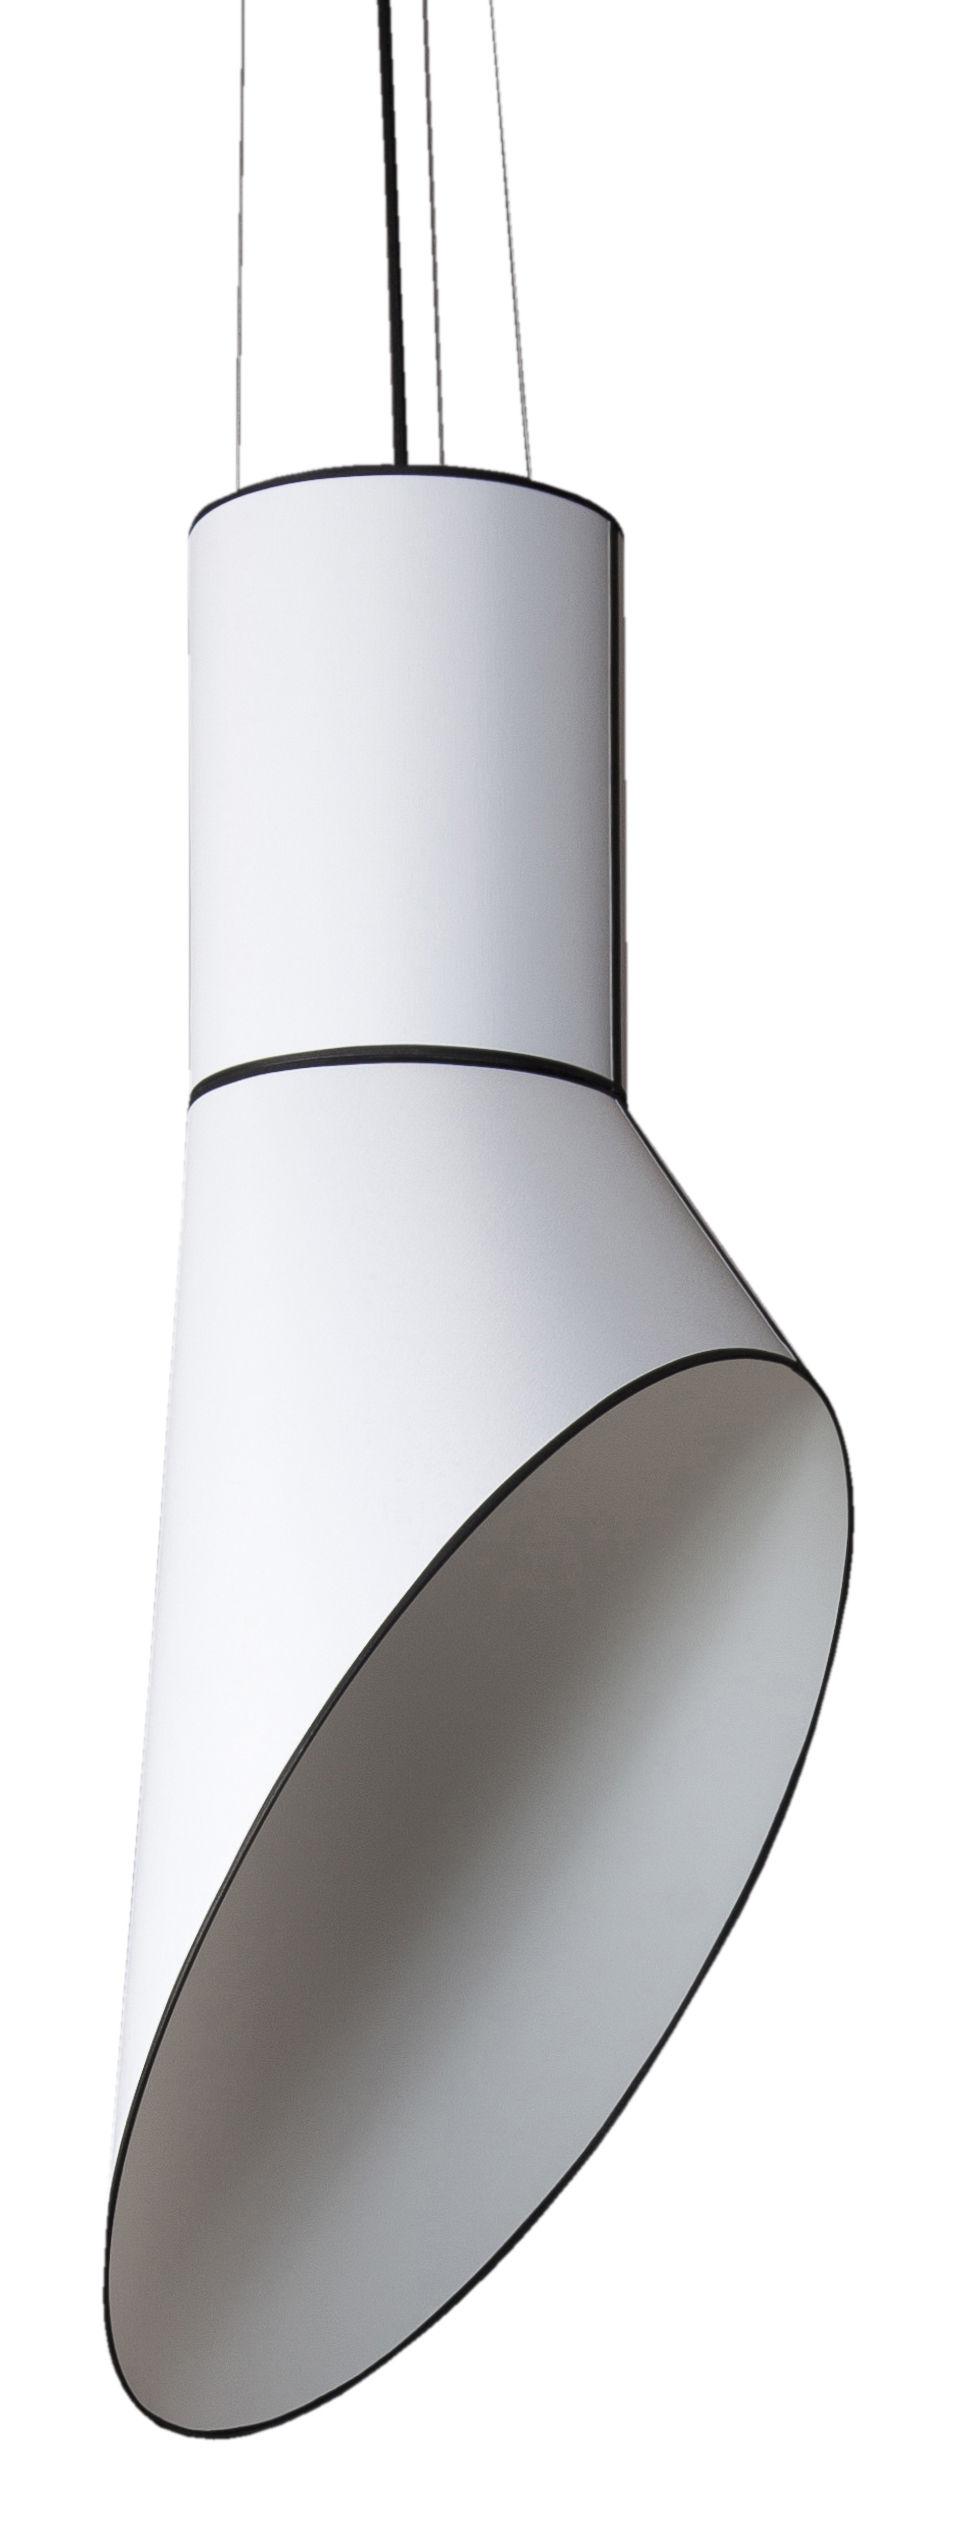 Leuchten - Pendelleuchten - Grand Cargo Pendelleuchte H 117 cm - Designheure - Zylinder-Element weiß / Schornstein-Element weiß - Percaline de coton, PVC, Stahl